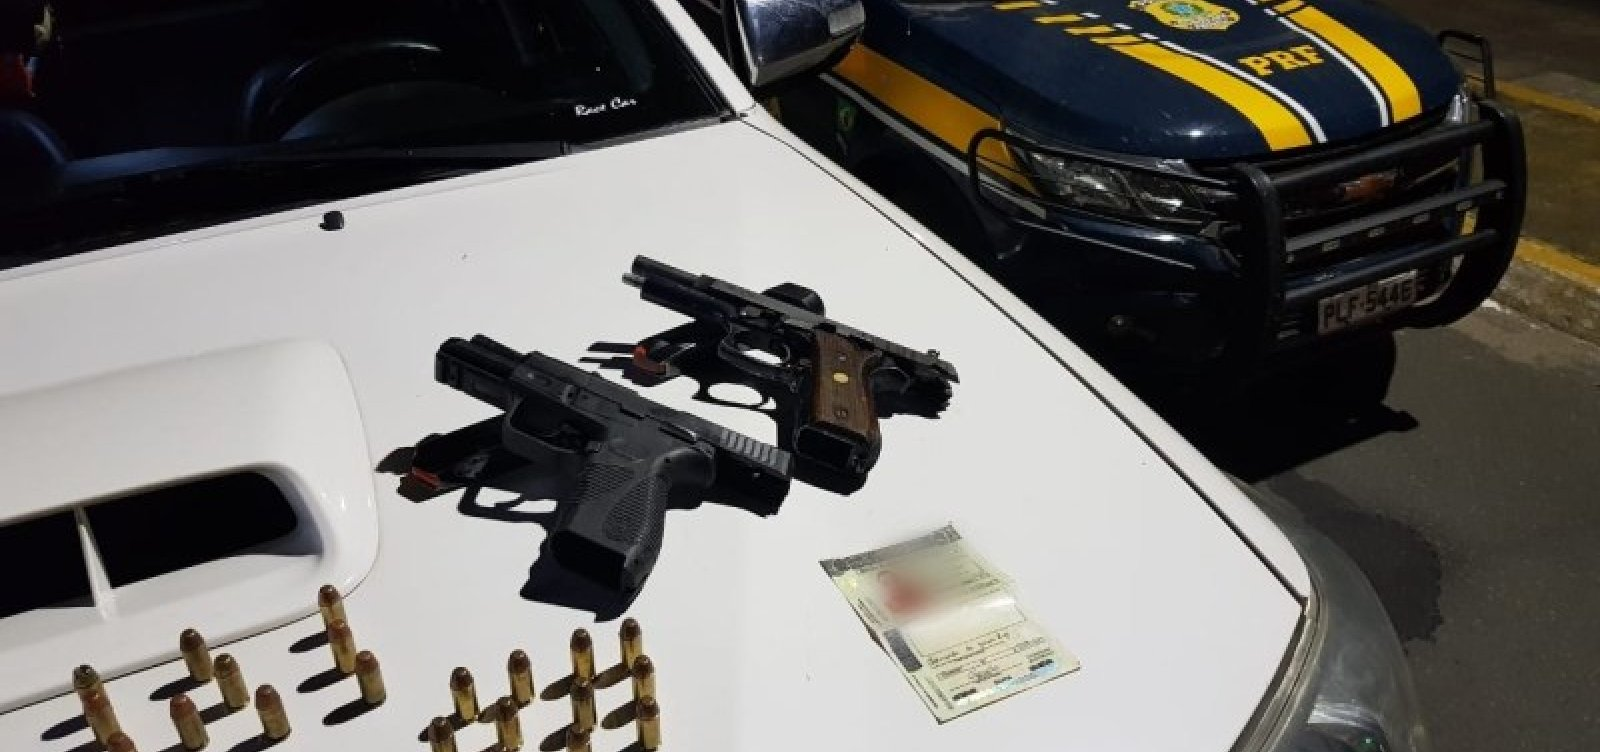 [Após abordagem, PRF apreende armas e munições; suspeitos conseguiram fugir]